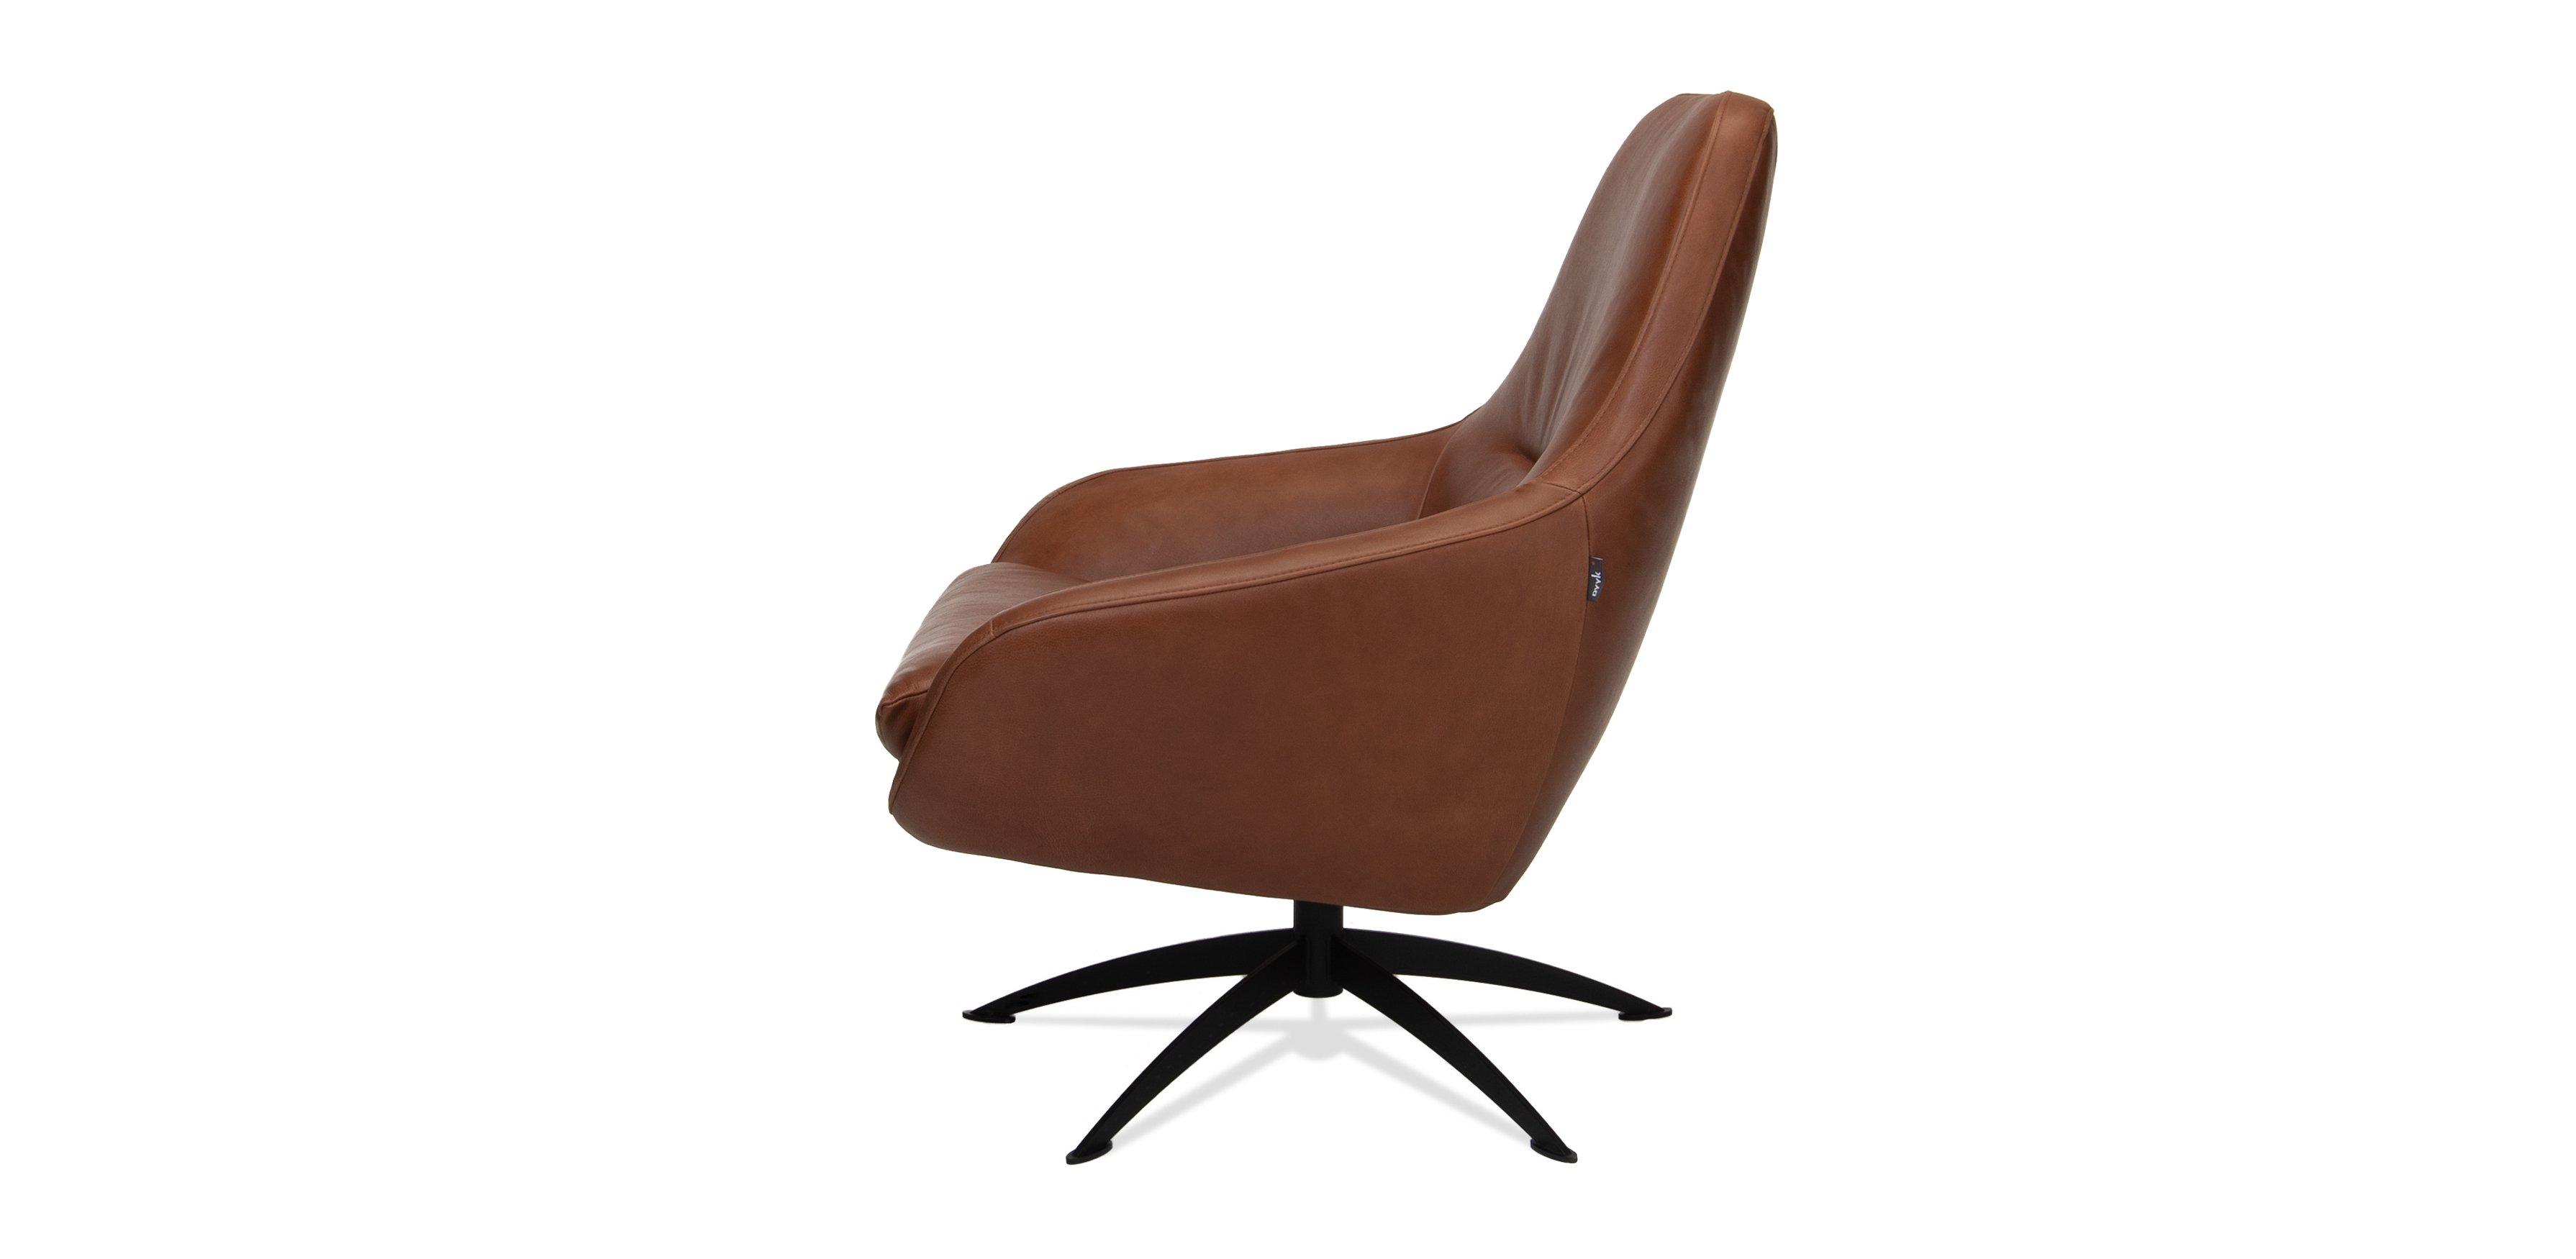 Specter fauteuil DYYK 5